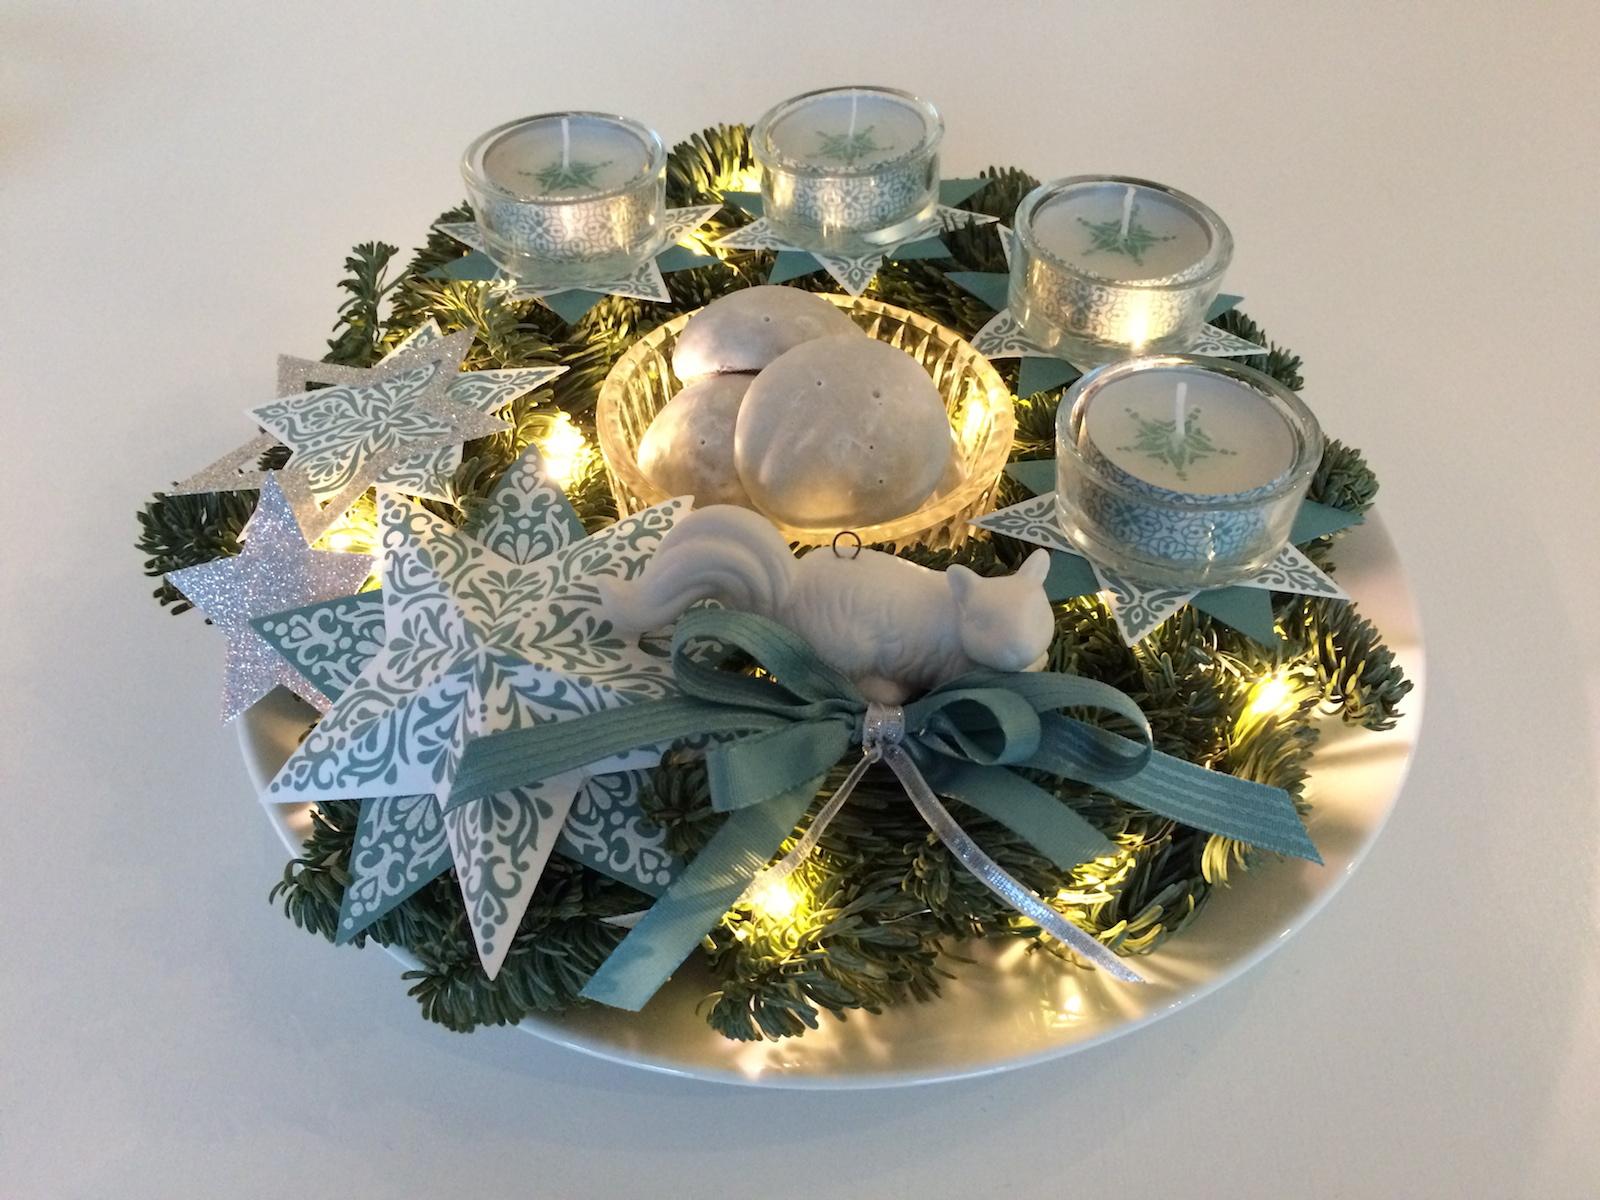 Adventkranz, Lagunenblau, Zauber der Weihnacht